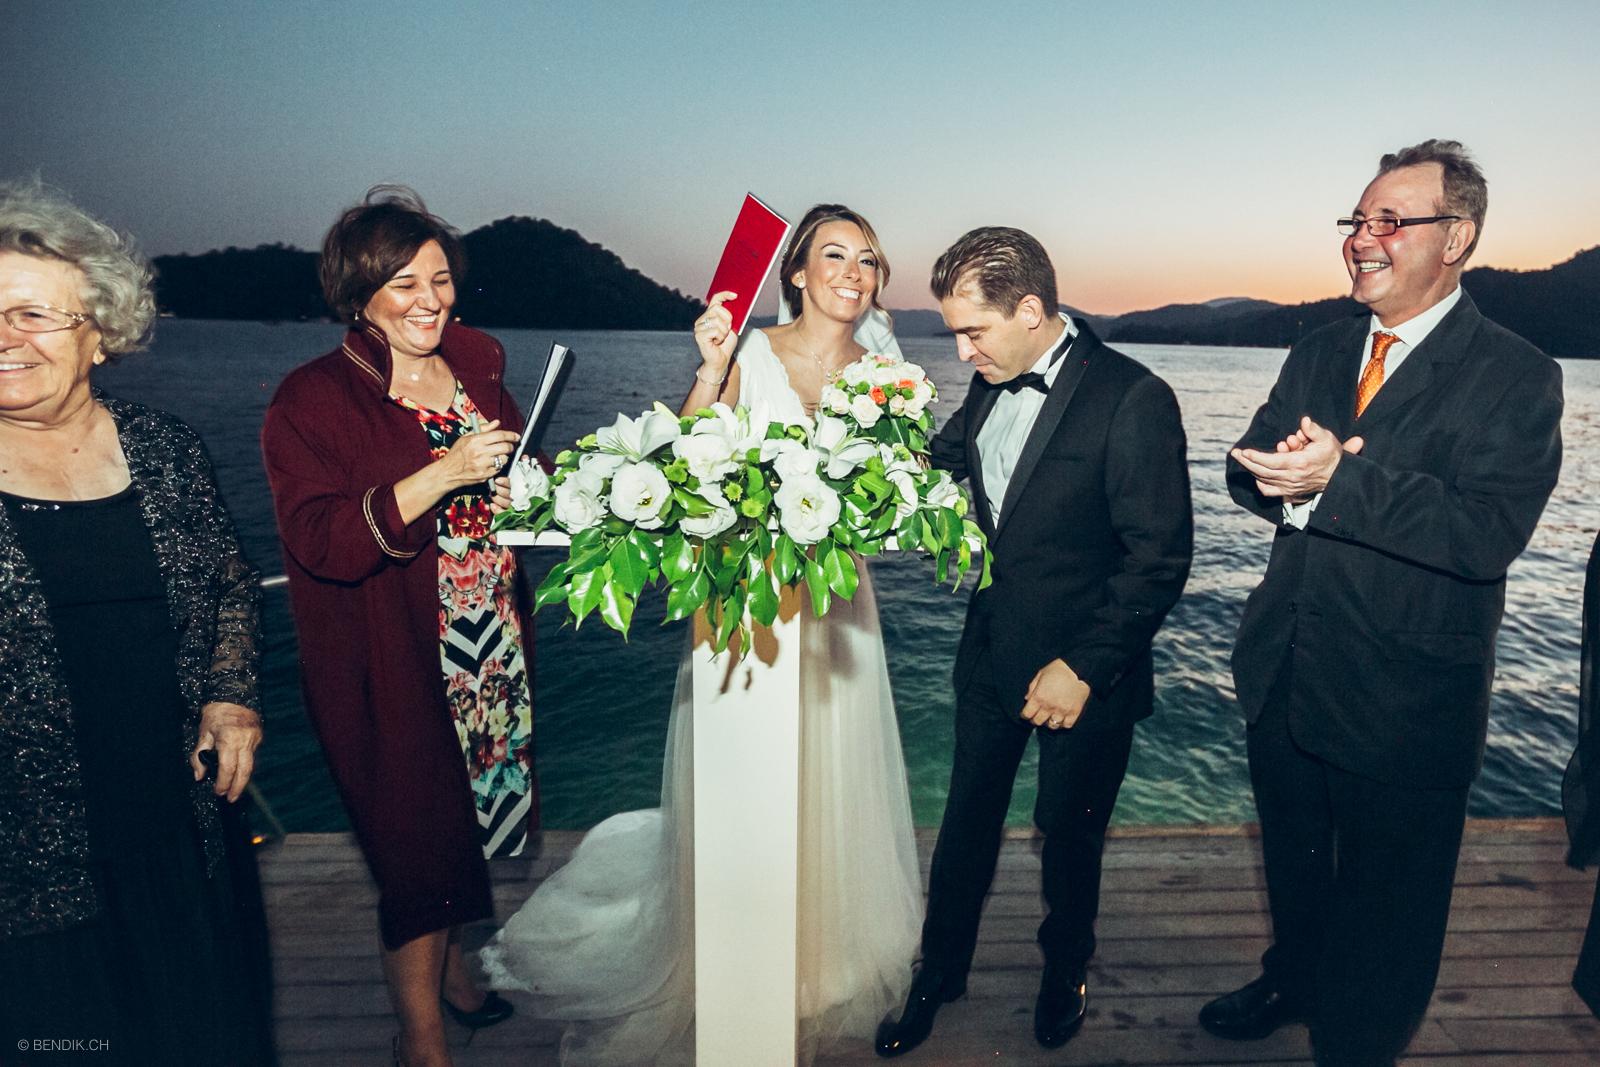 wedding_photoshoot_pinar_tolga20150912_067